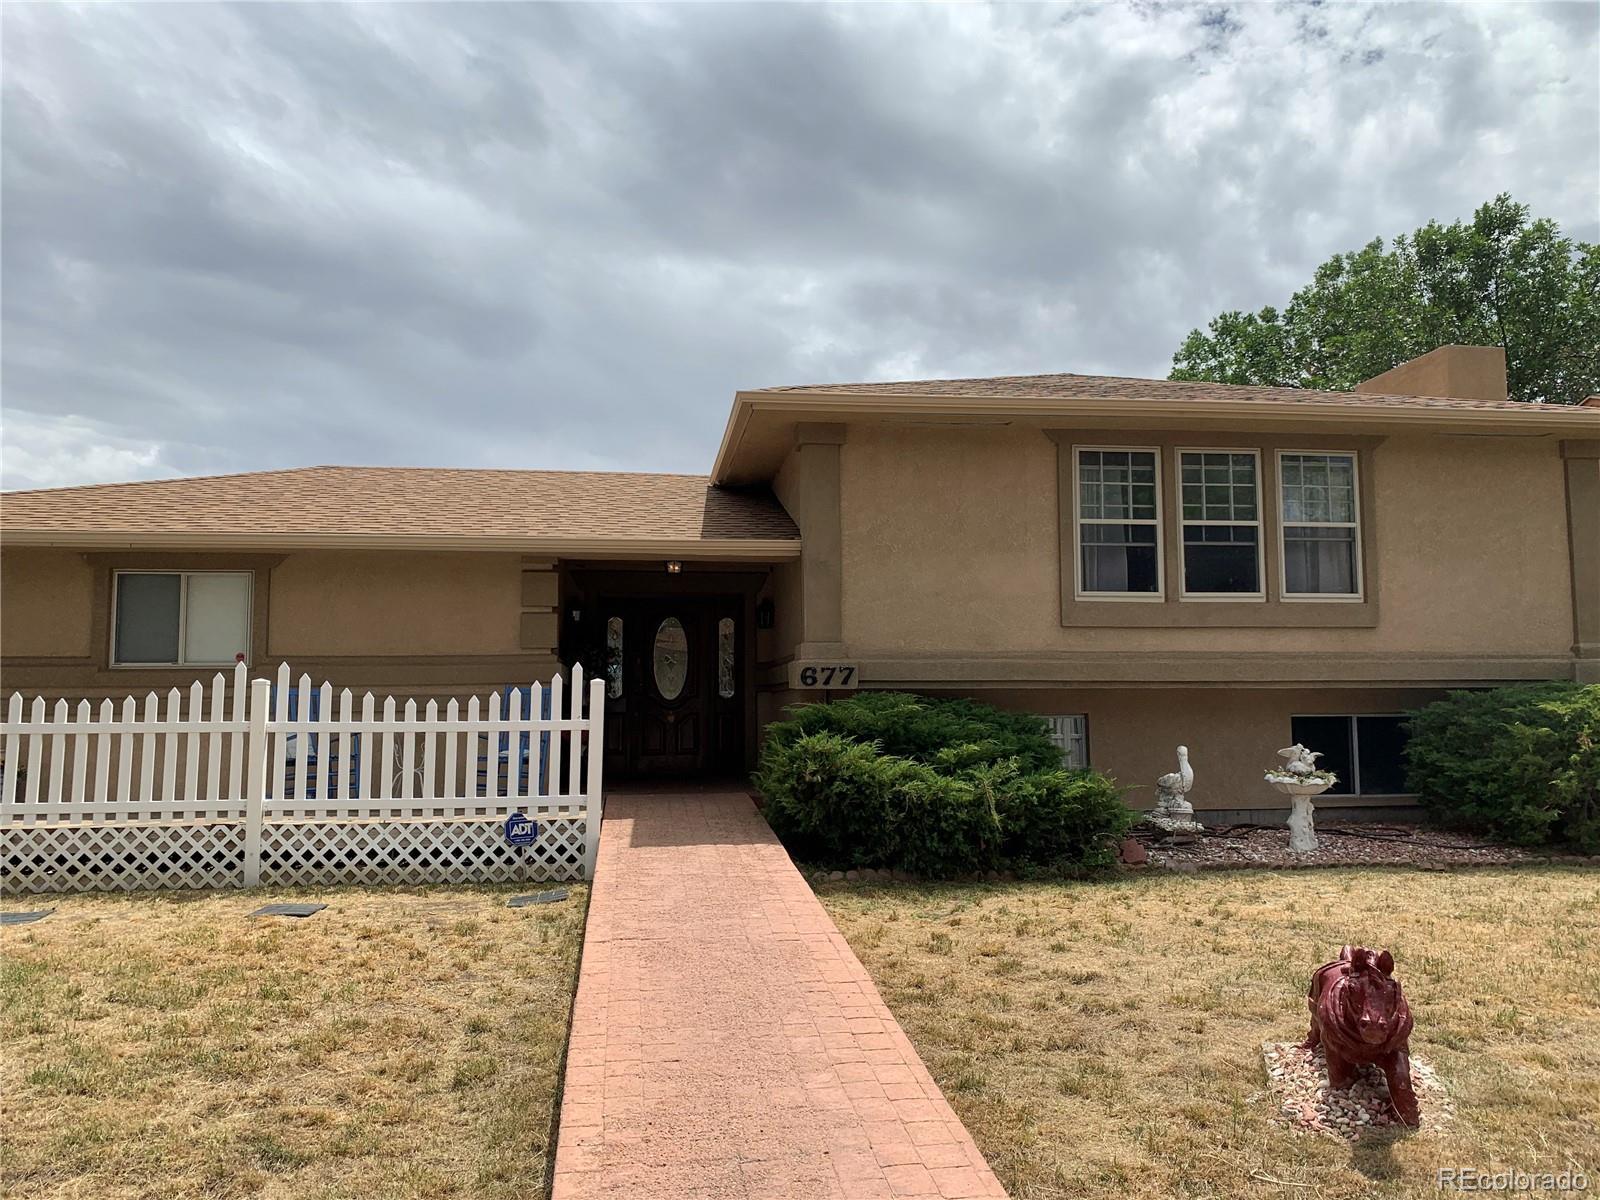 MLS# 3794284 - 1 - 677 Fay Drive, Colorado Springs, CO 80911